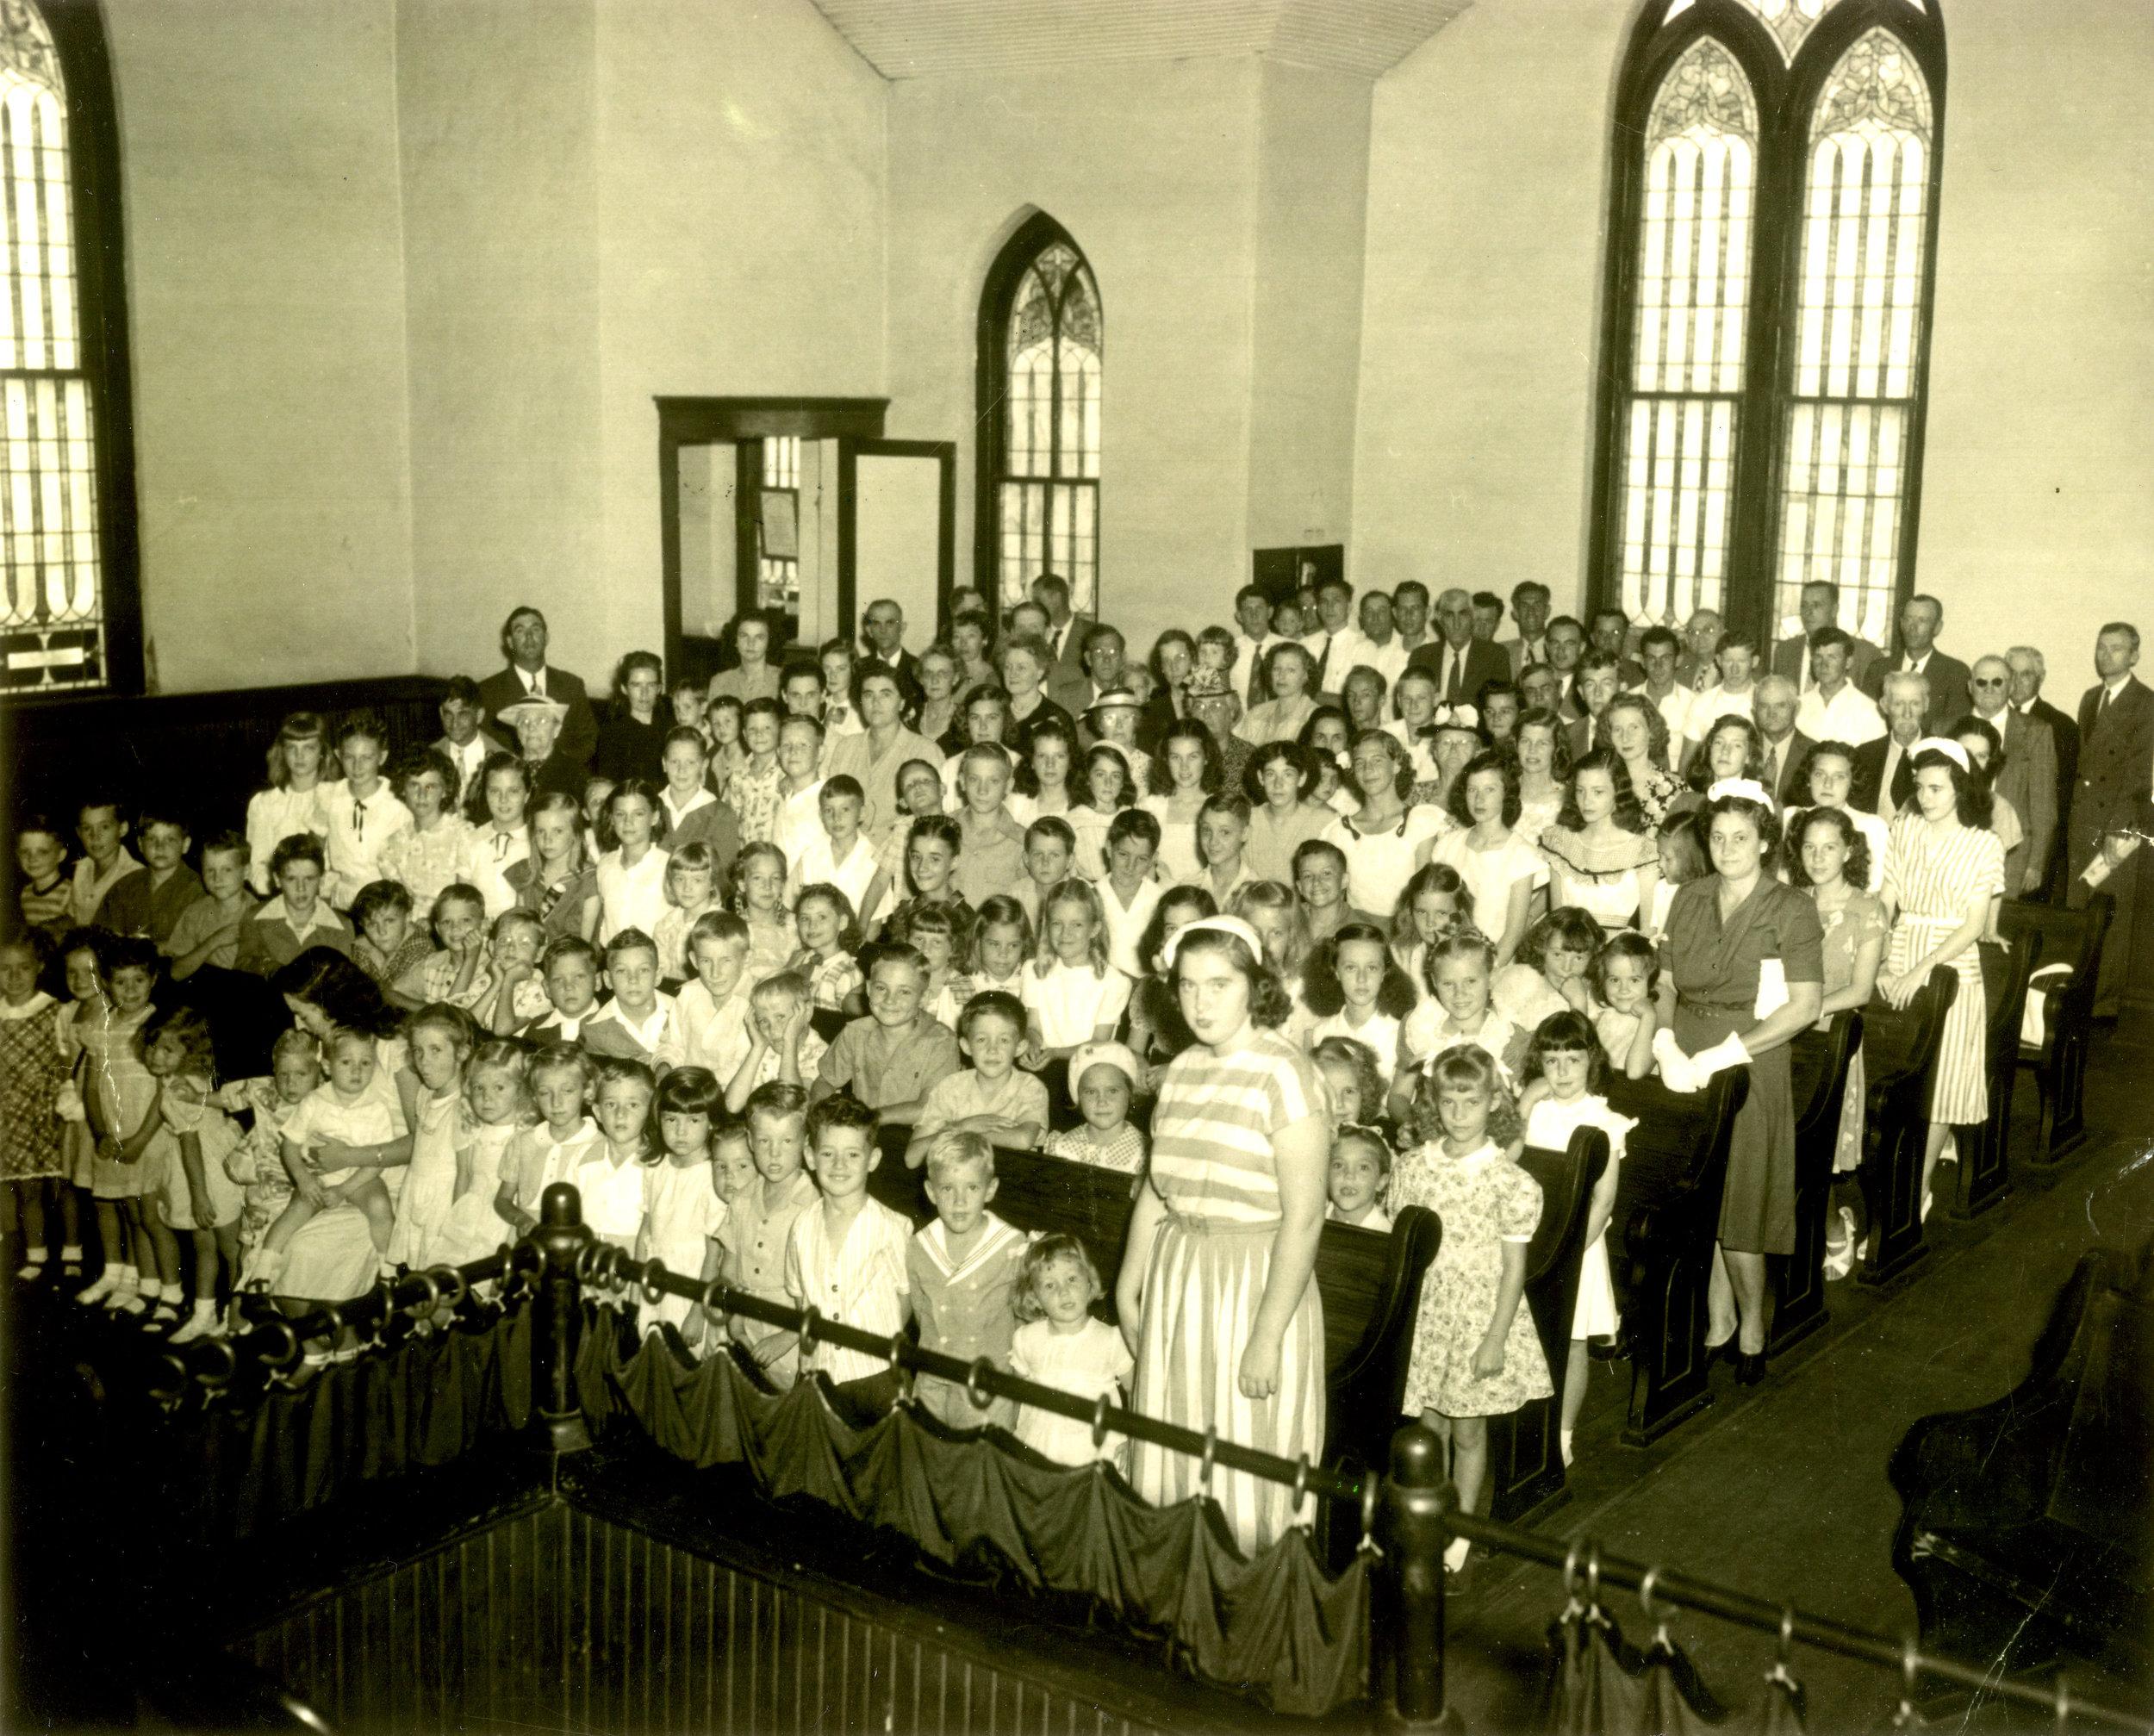 Congregation of the Franklin Memorial Methodist Church, circa 1950s